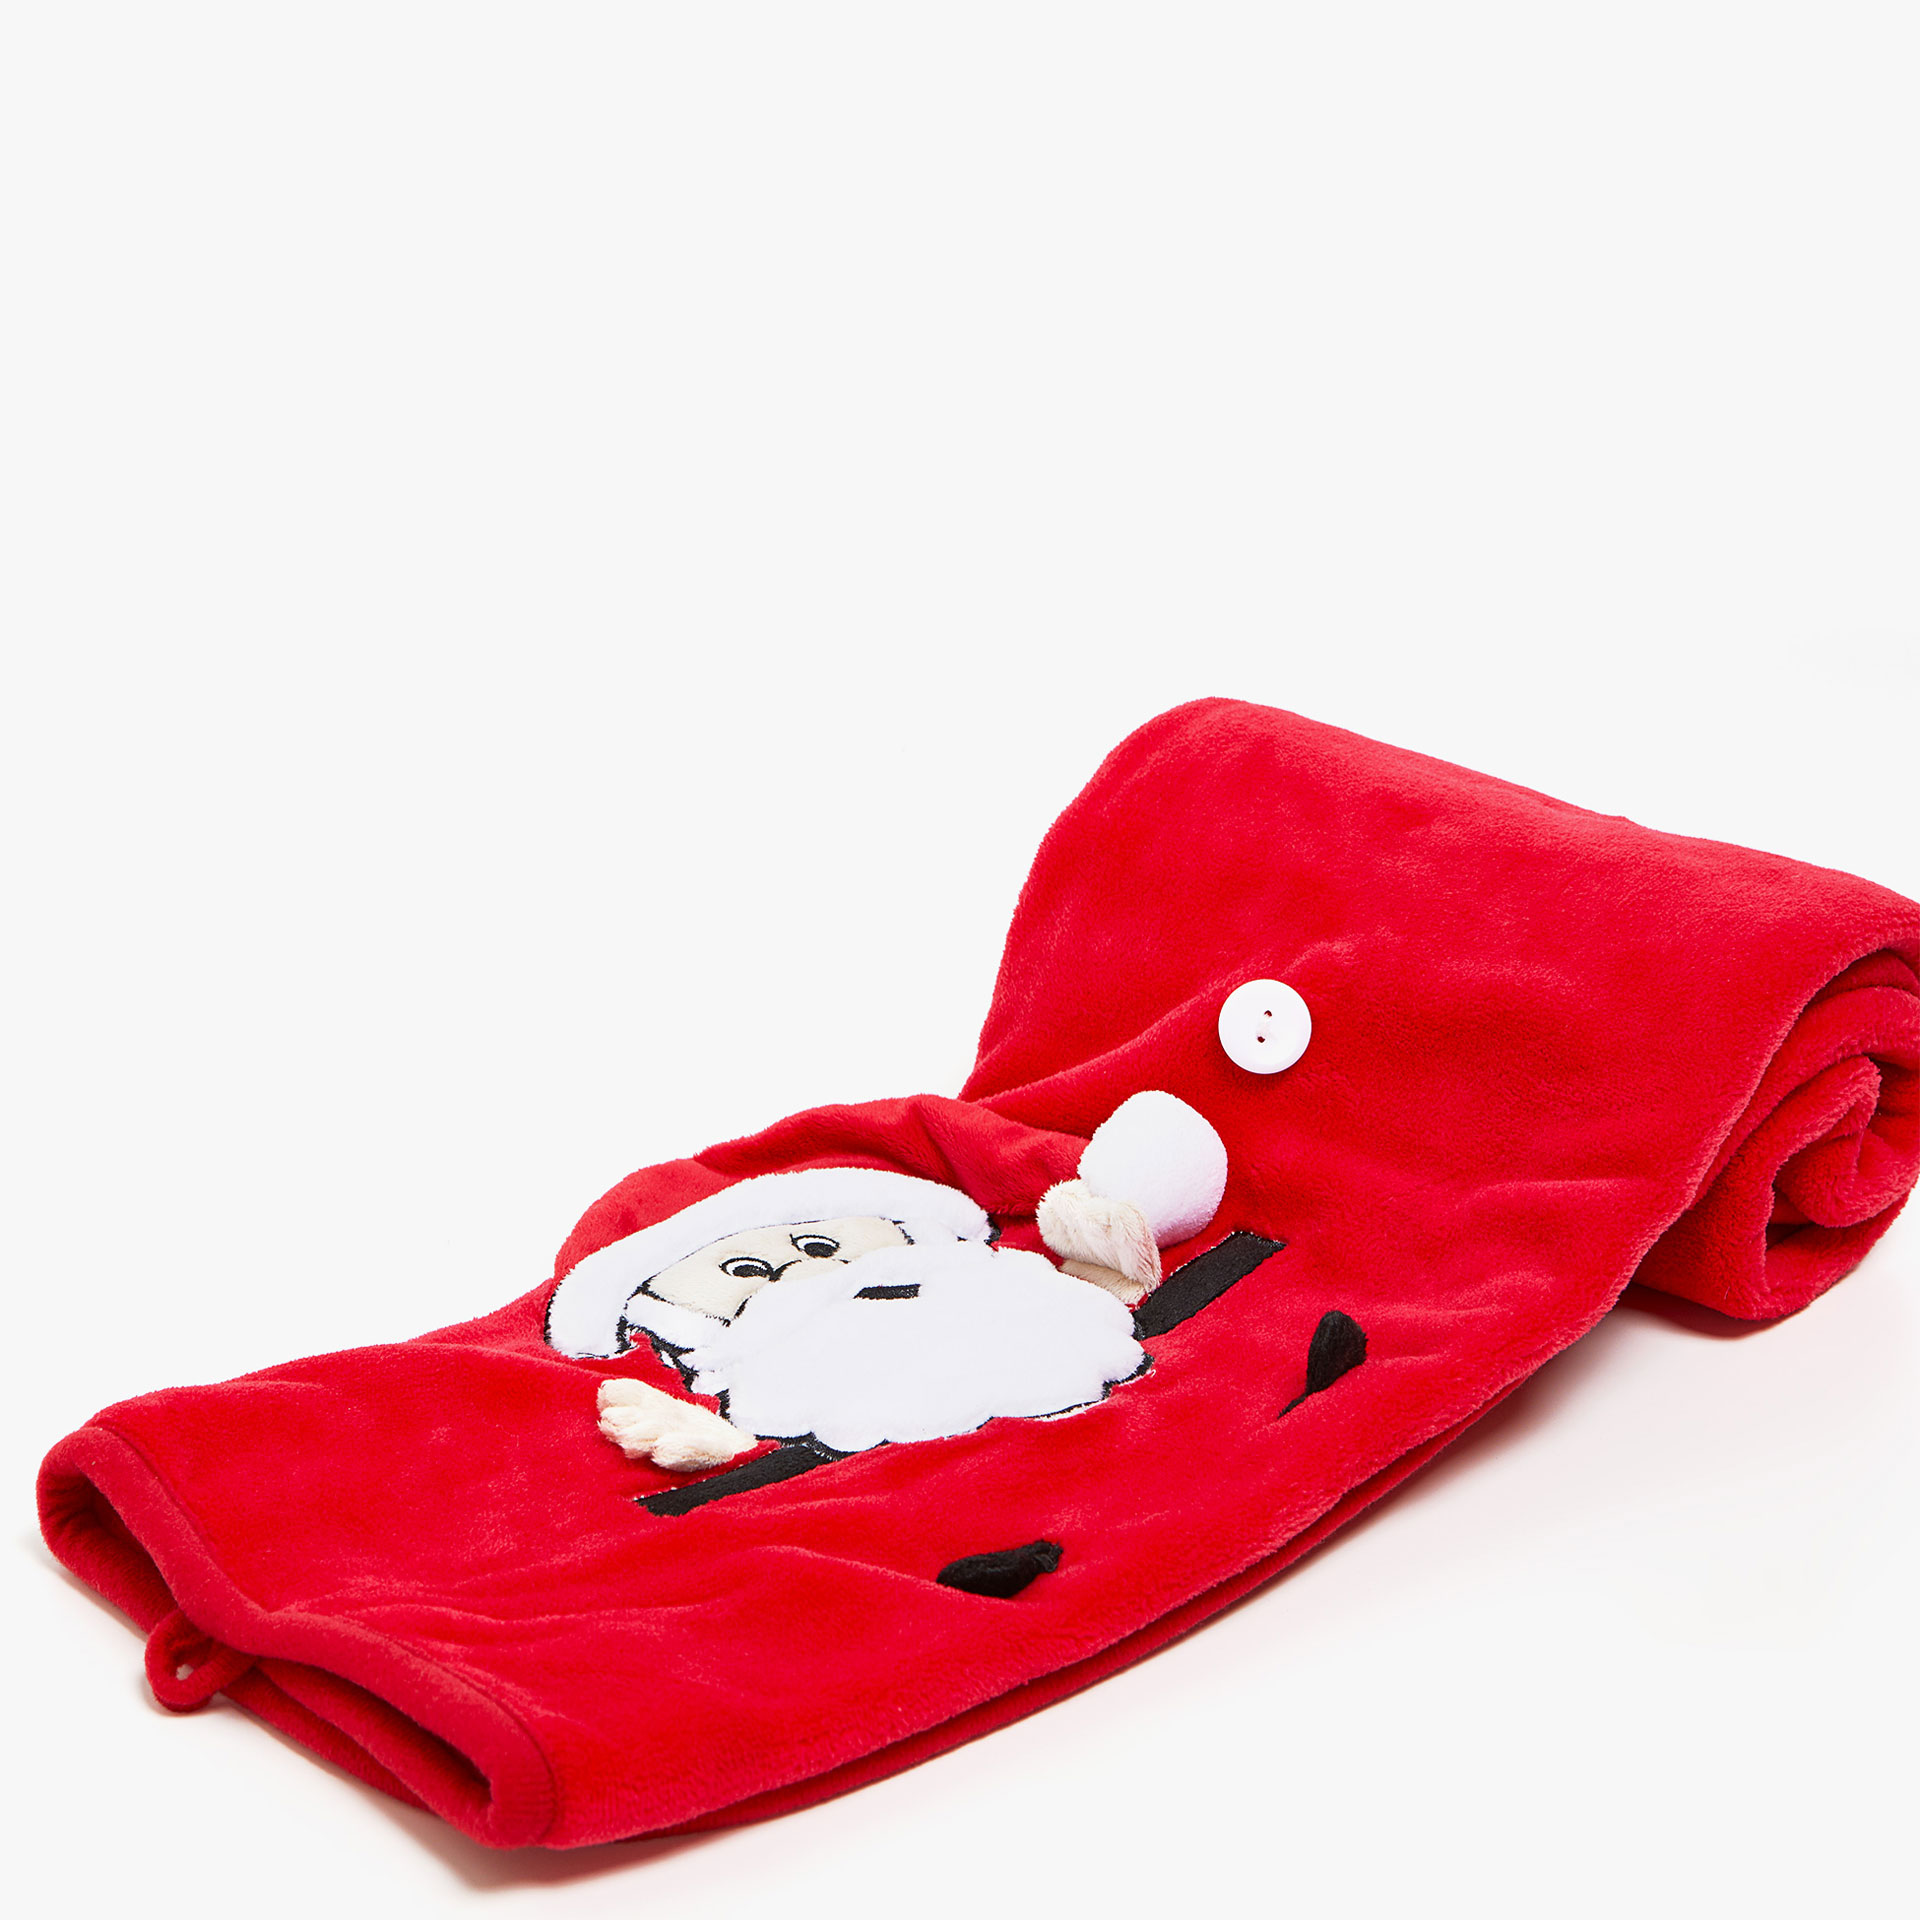 Zara Home Natale 2017, le decorazioni per l'albero, la tavola, la casa e la camera da letto, foto e prezzi